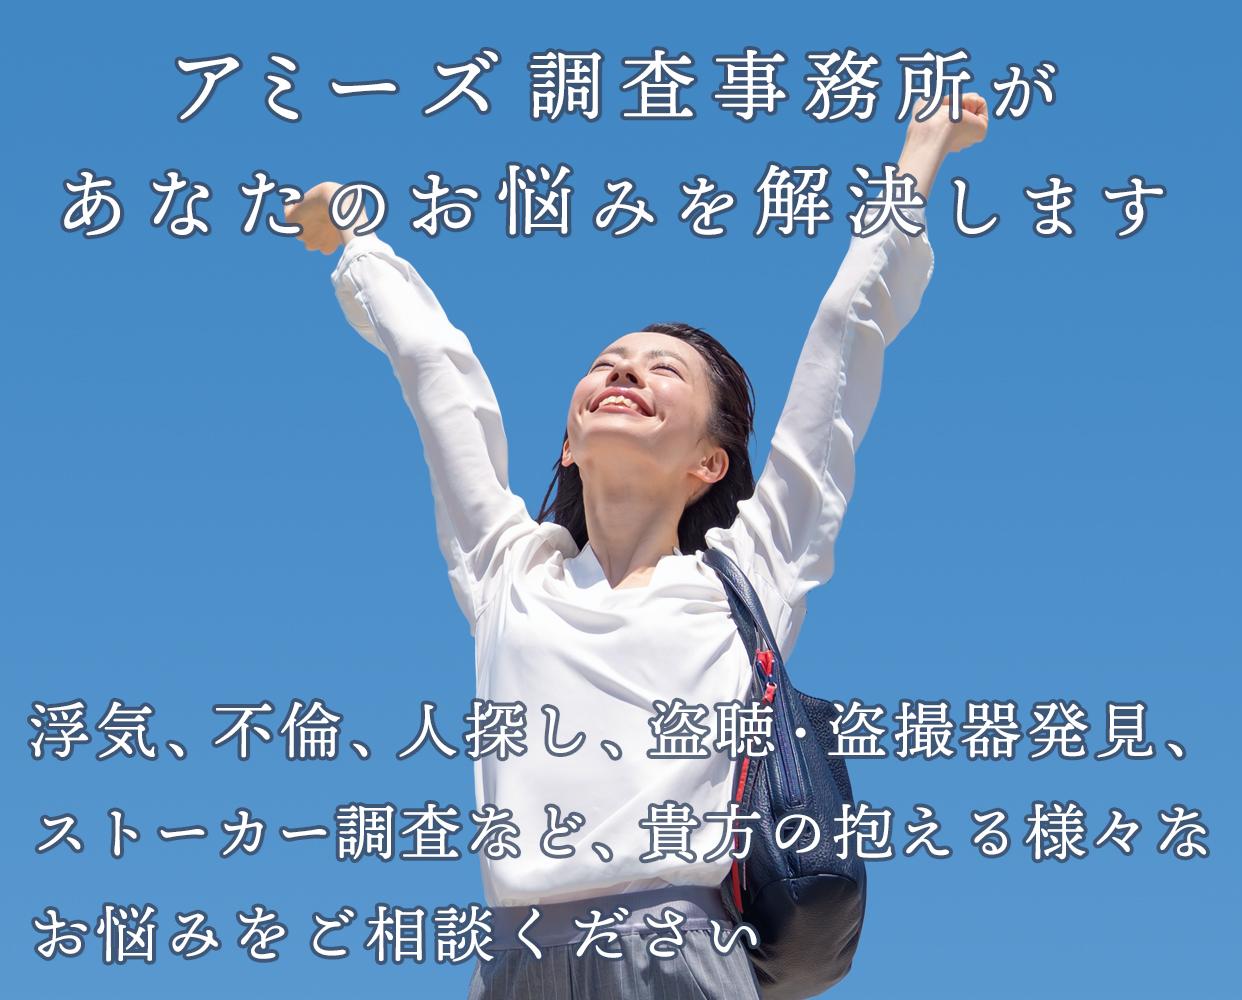 横浜の探偵アミーズ調査事務所